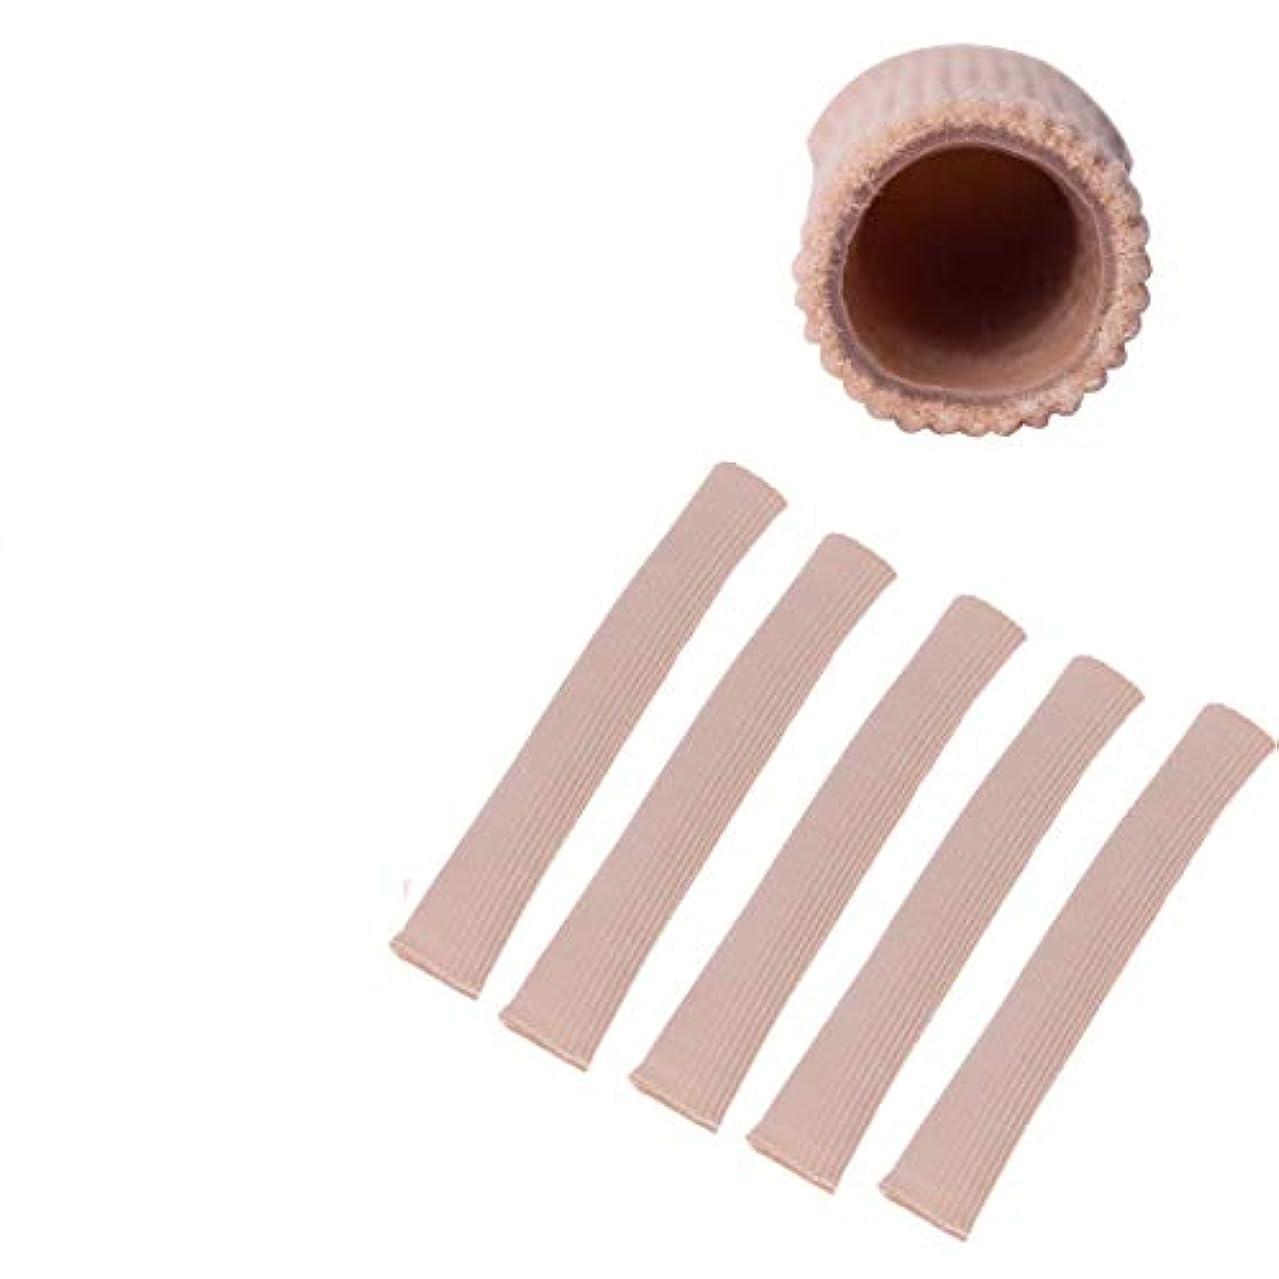 業界発表誤解させるWecando足指保護ジェルパッド つま先 指 外反母趾 内反小趾 矯正 保護 魚の目 摩擦痛み緩和 調整可能 (スキントーン 5本, L)